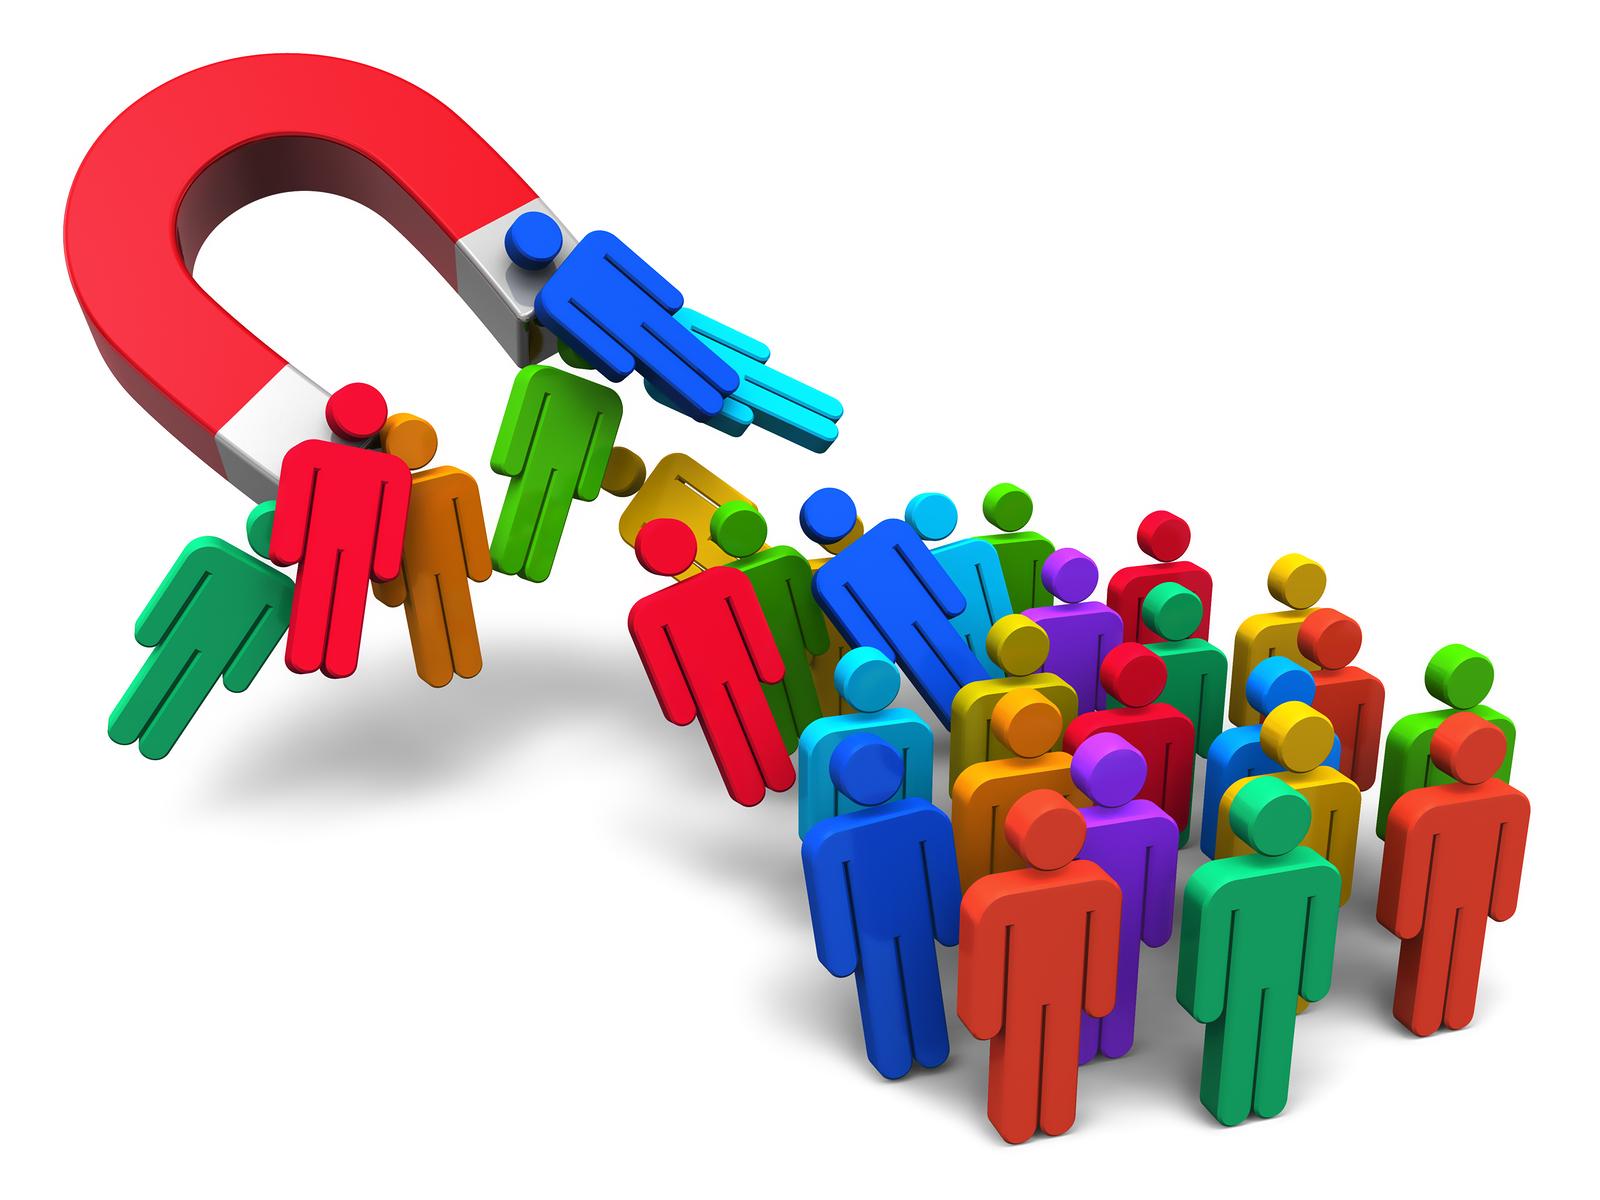 Redes Sociales: 5 maneras de potenciar ventas mediante Redes